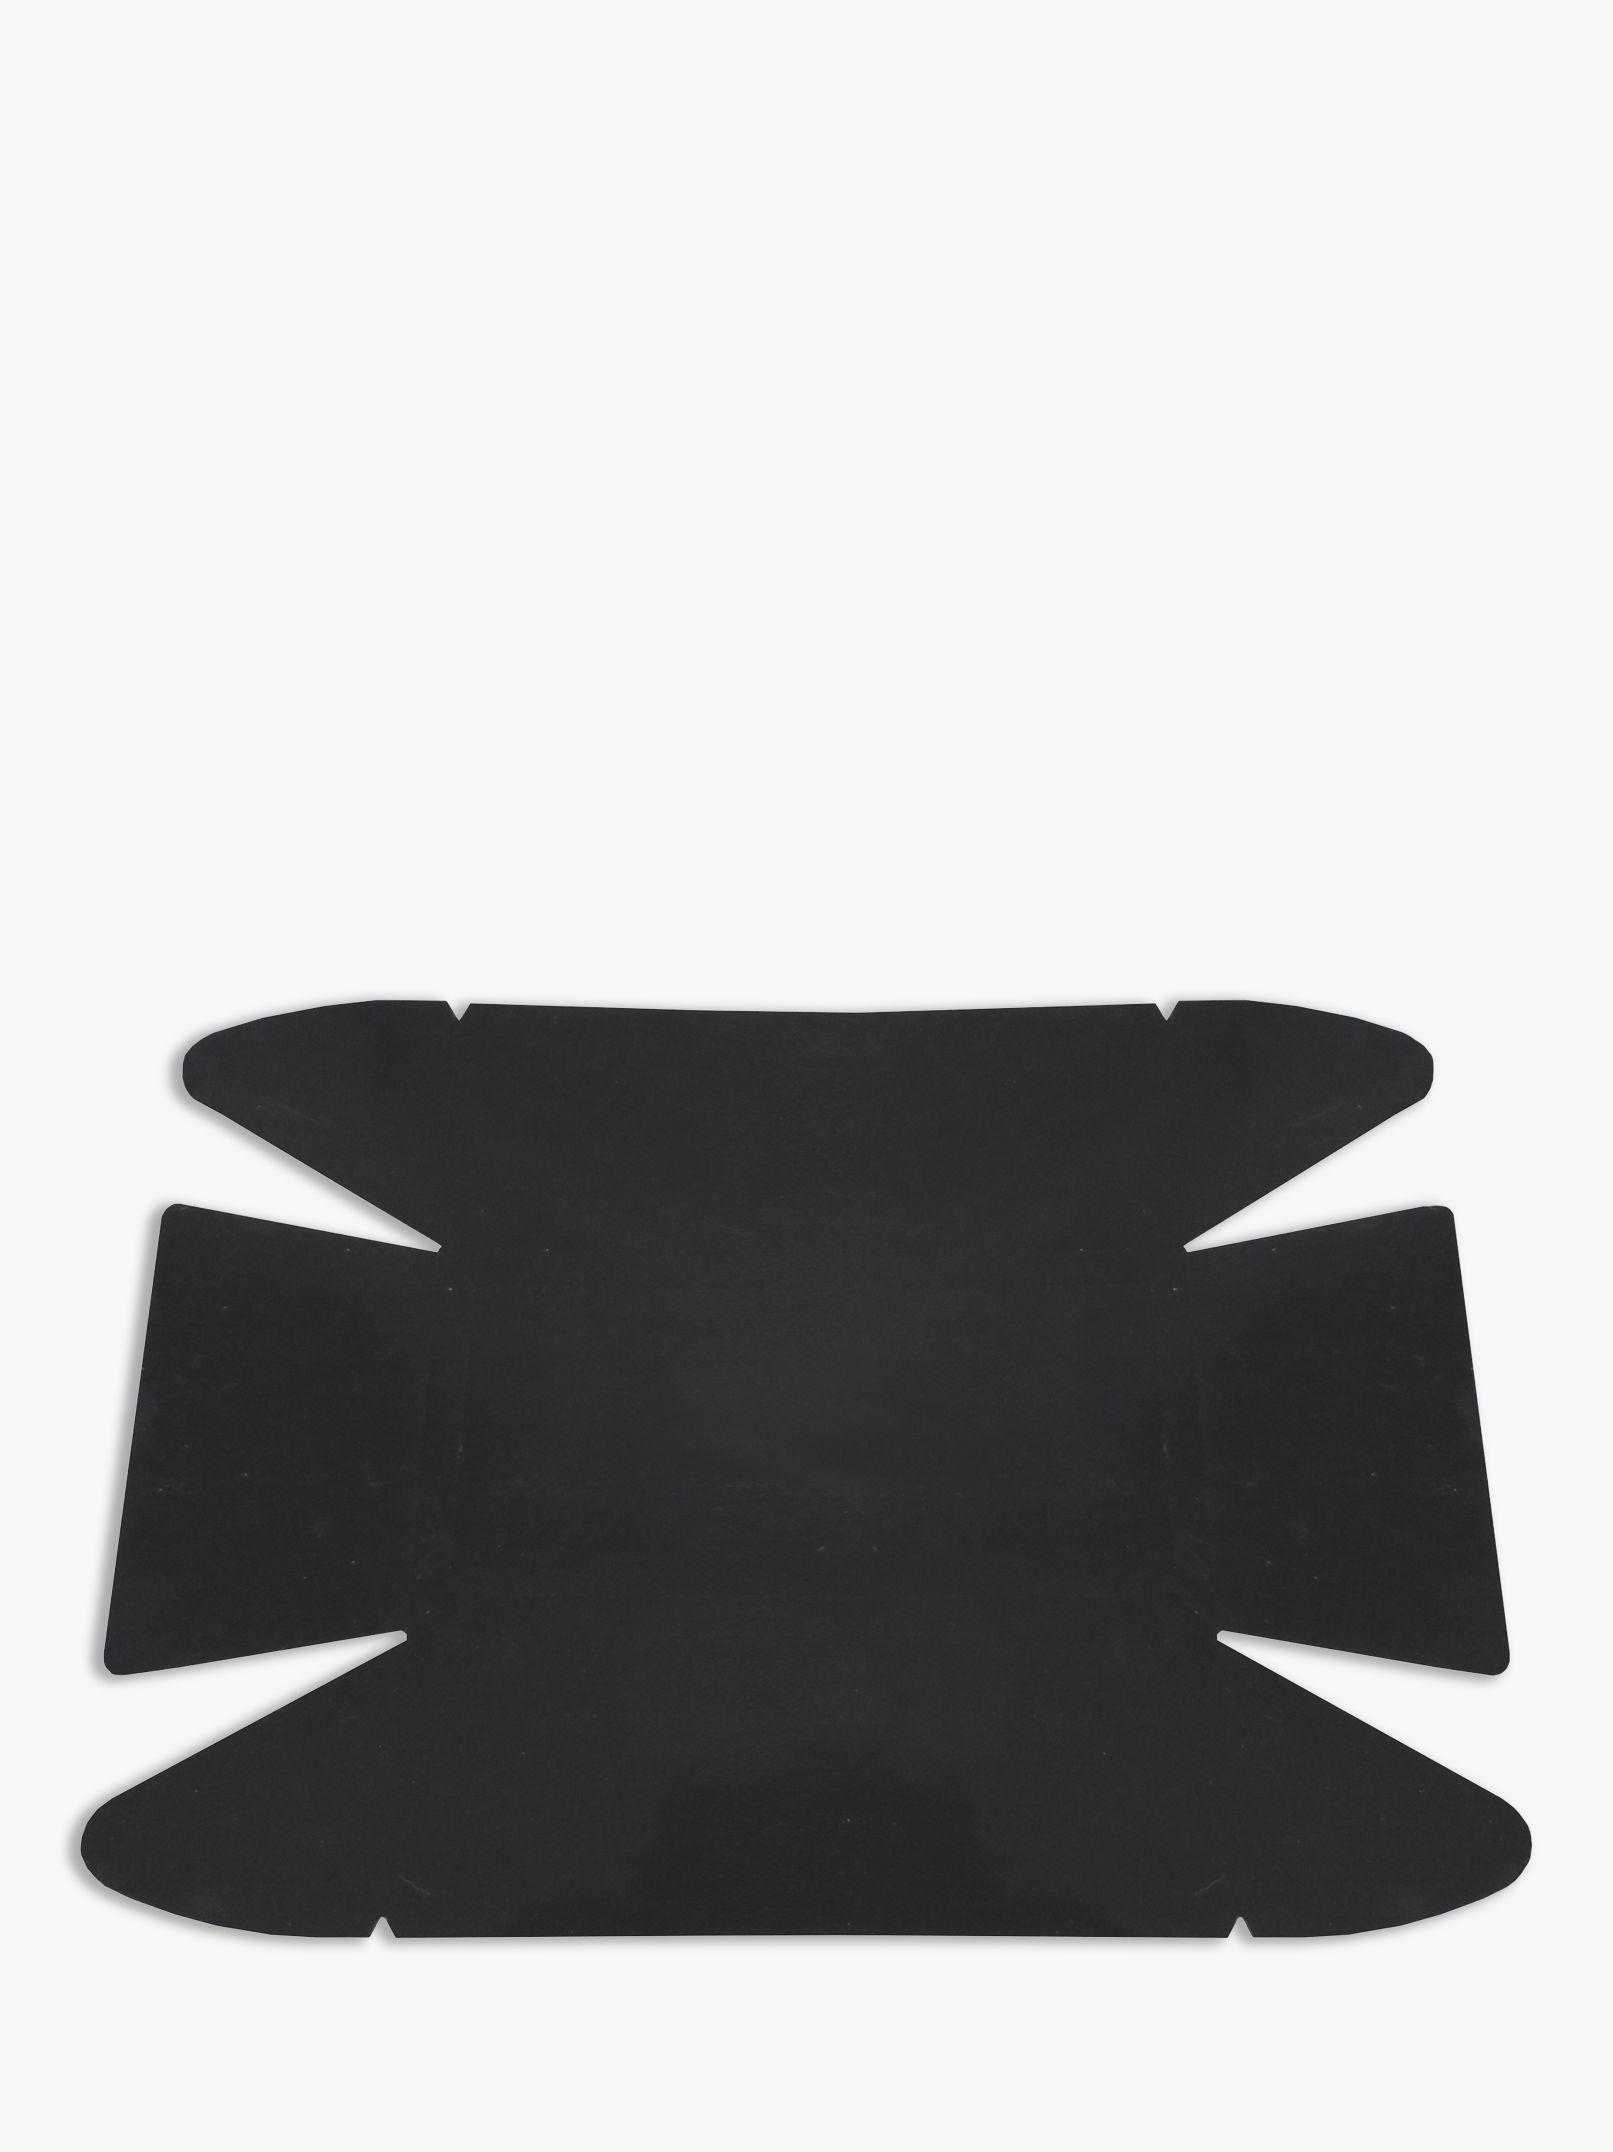 NoStik Reusable Non-Stick Liner for Cake Tins/Loaf Tins, Black